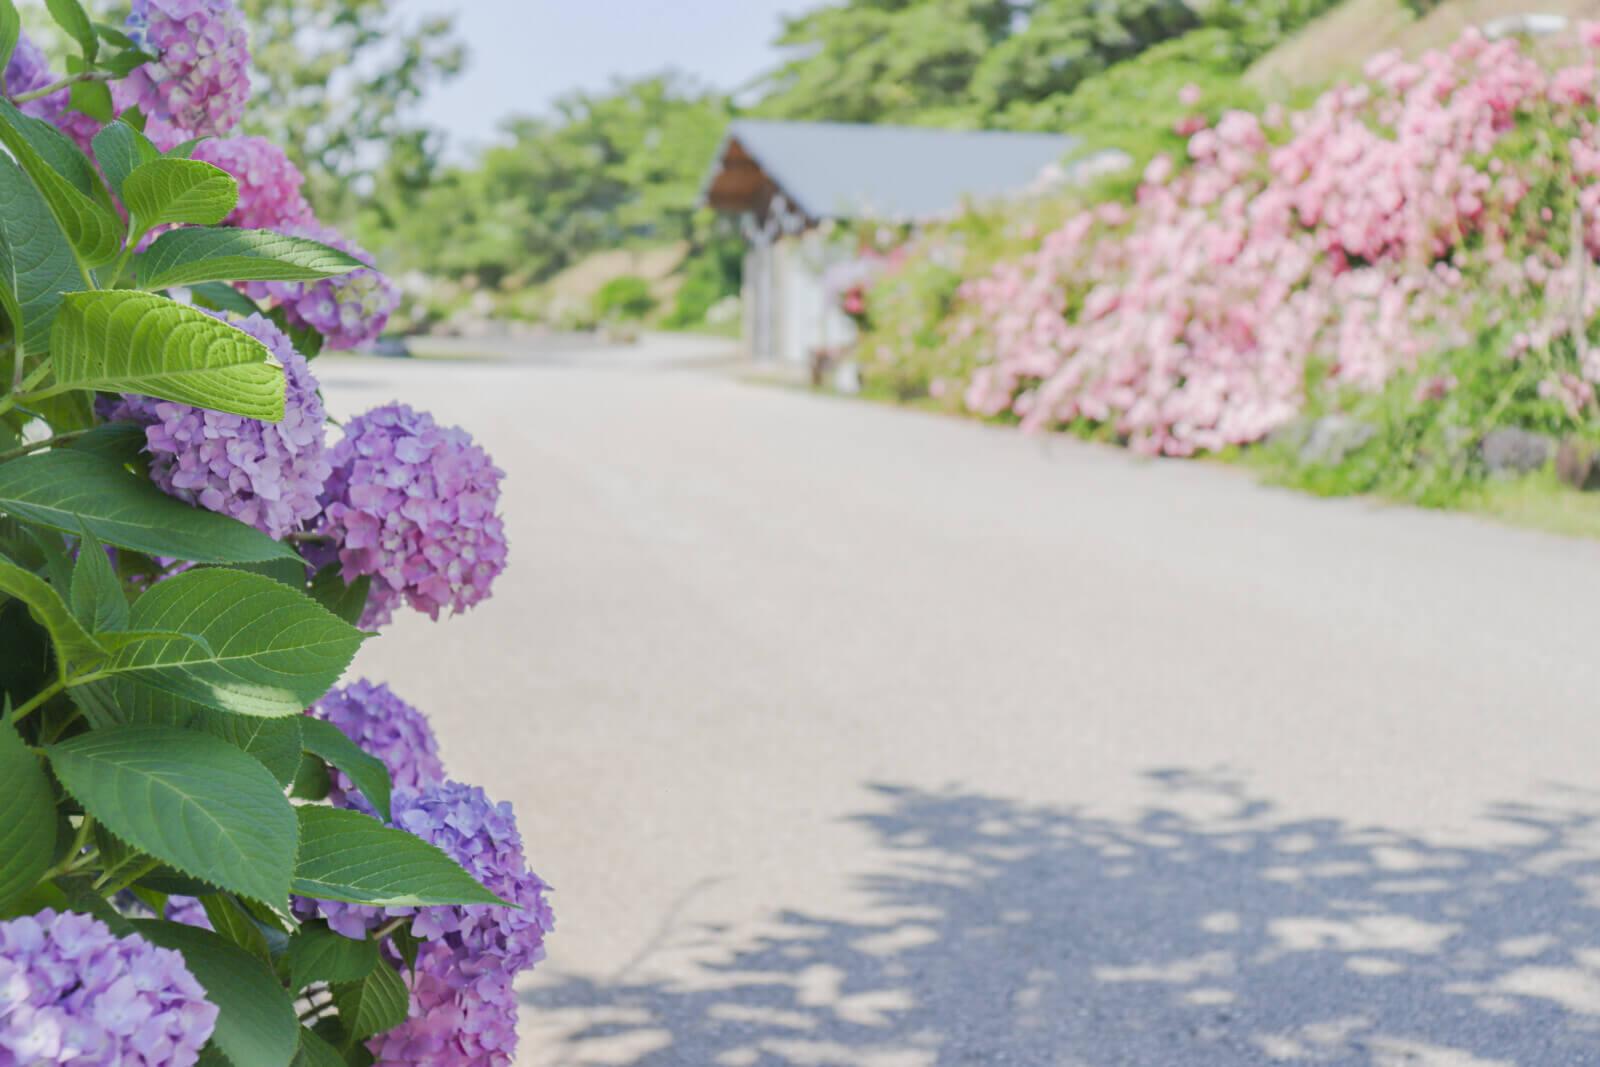 紫陽花が咲くフラワーロード